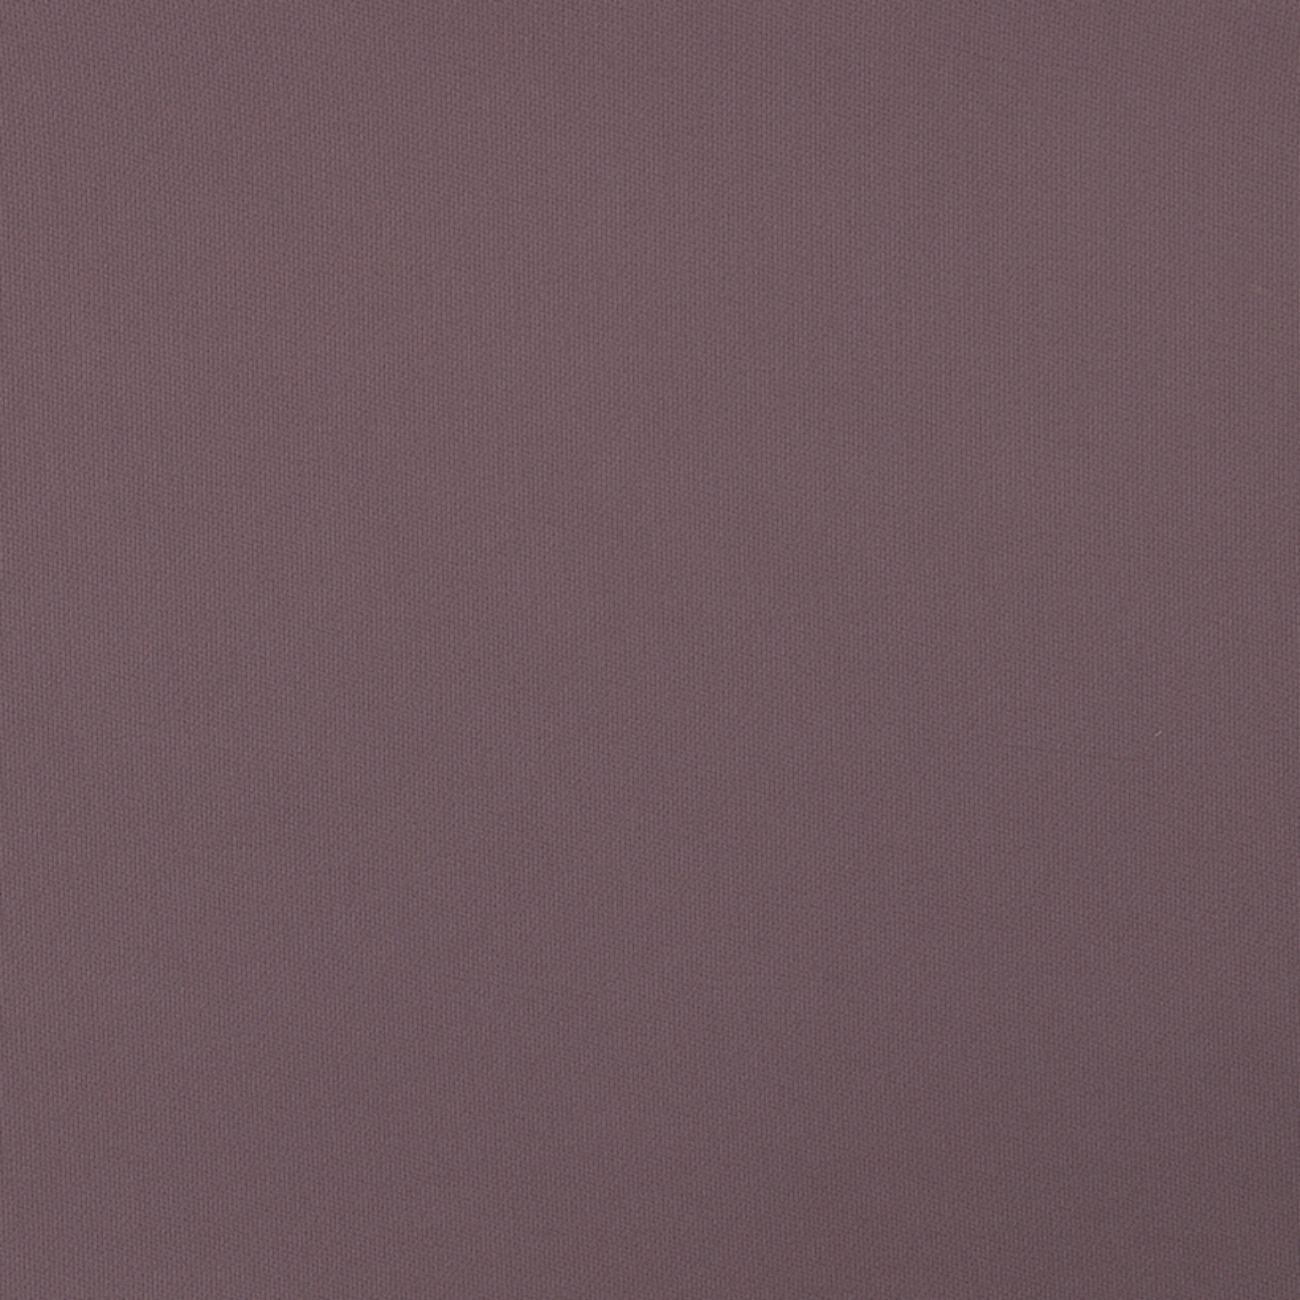 无弹双面针织素色面料—春秋款内搭无光外套裙子裤子70315-51